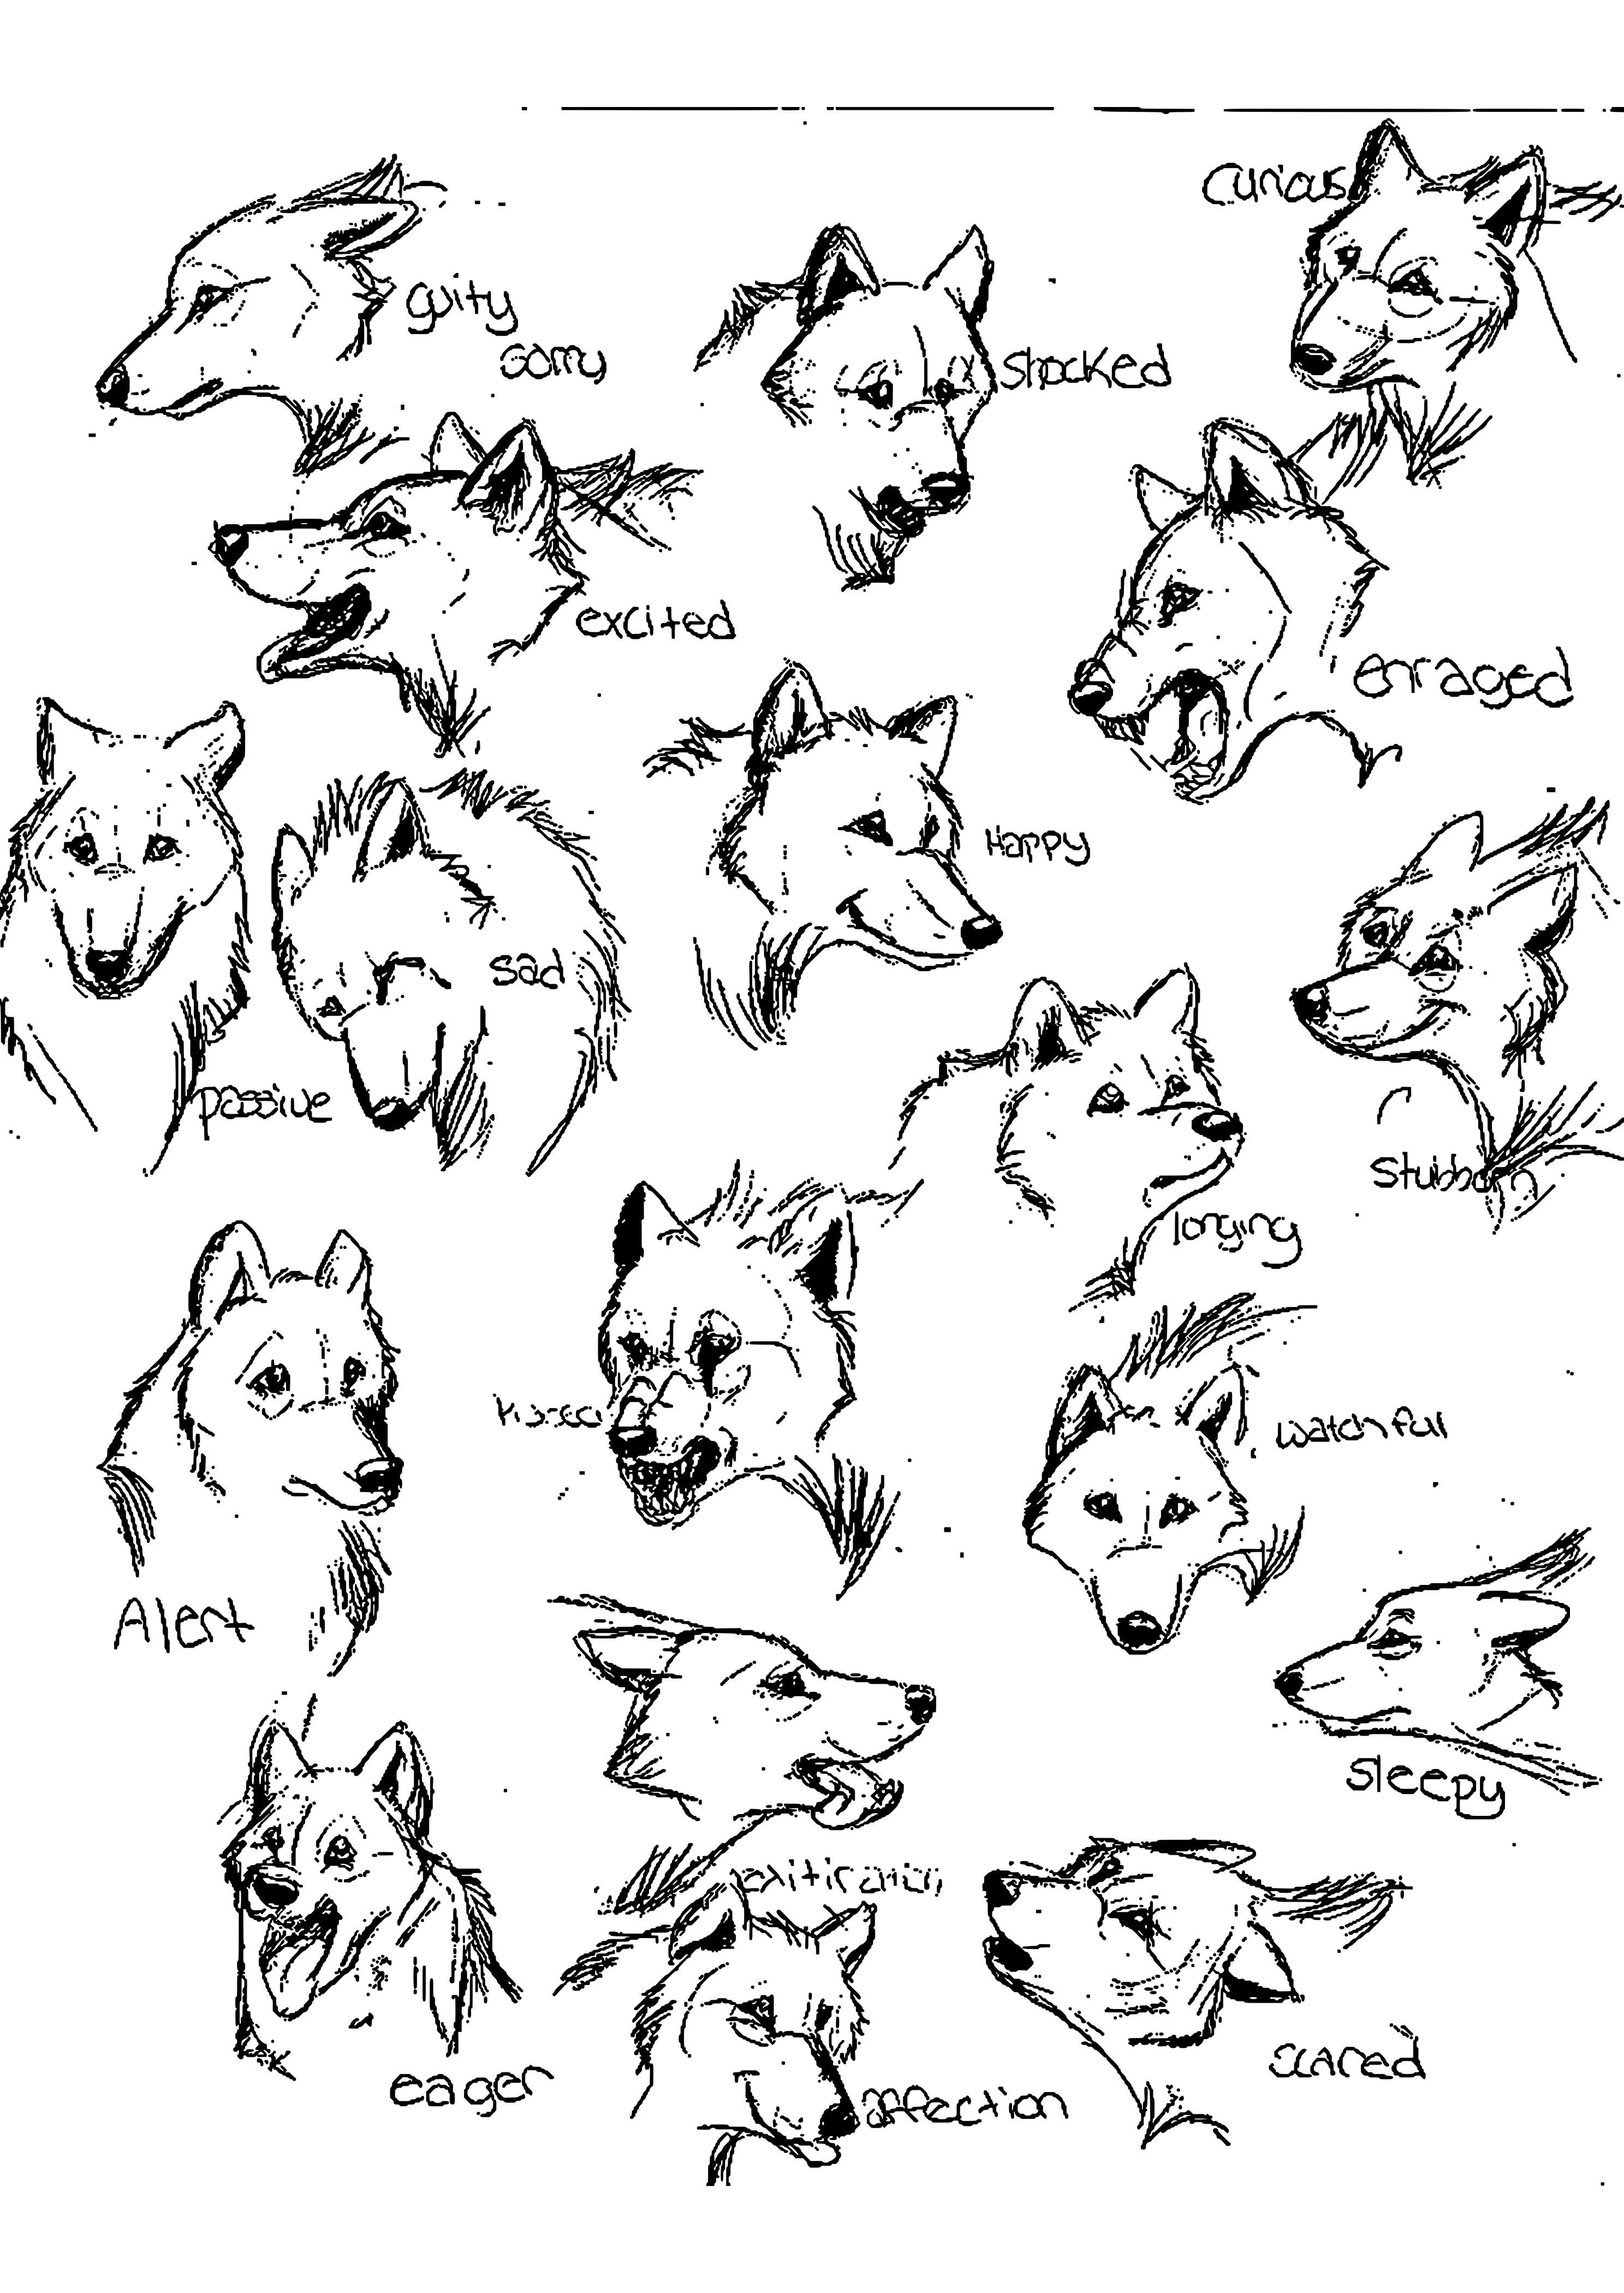 Wolf Bilder Zum Ausmalen Frisch Wolf Ausmalbilder Awesome Yoda Ausmalbilder Uploadertalk Beste Galerie